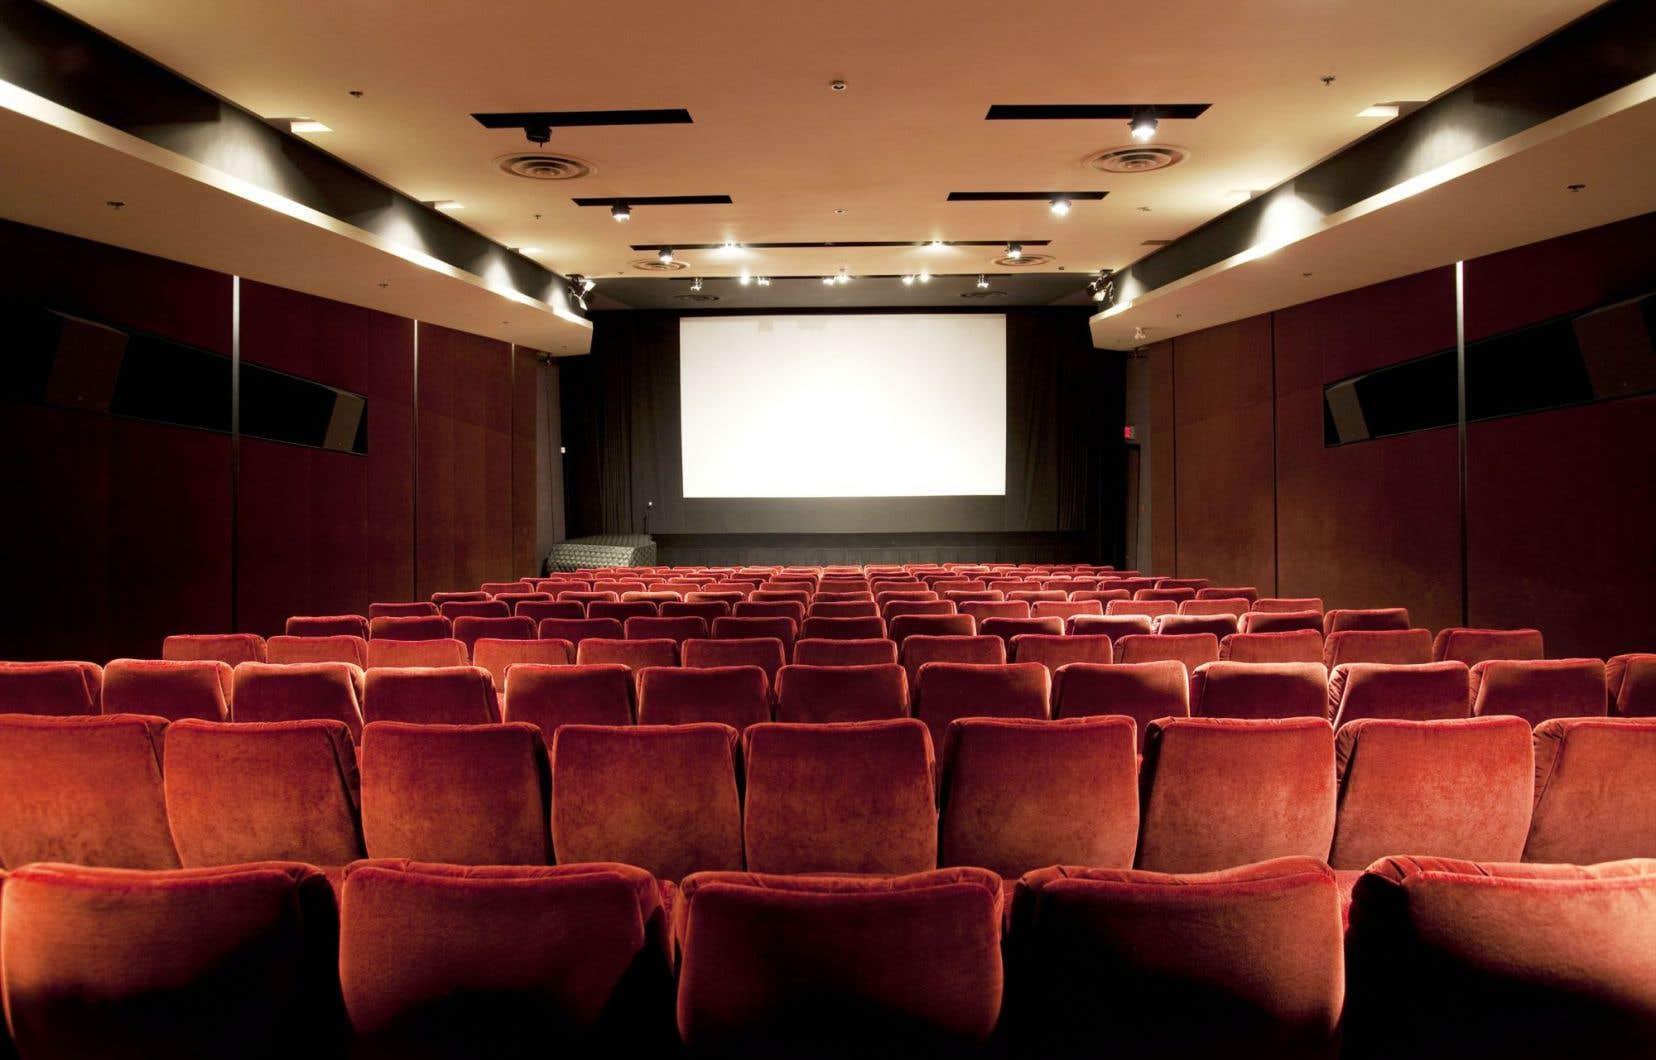 À l'exception de cet été, il n'y a pas eu de chute de fréquentation des salles et l'année 2015 s'annonce exceptionnelle.